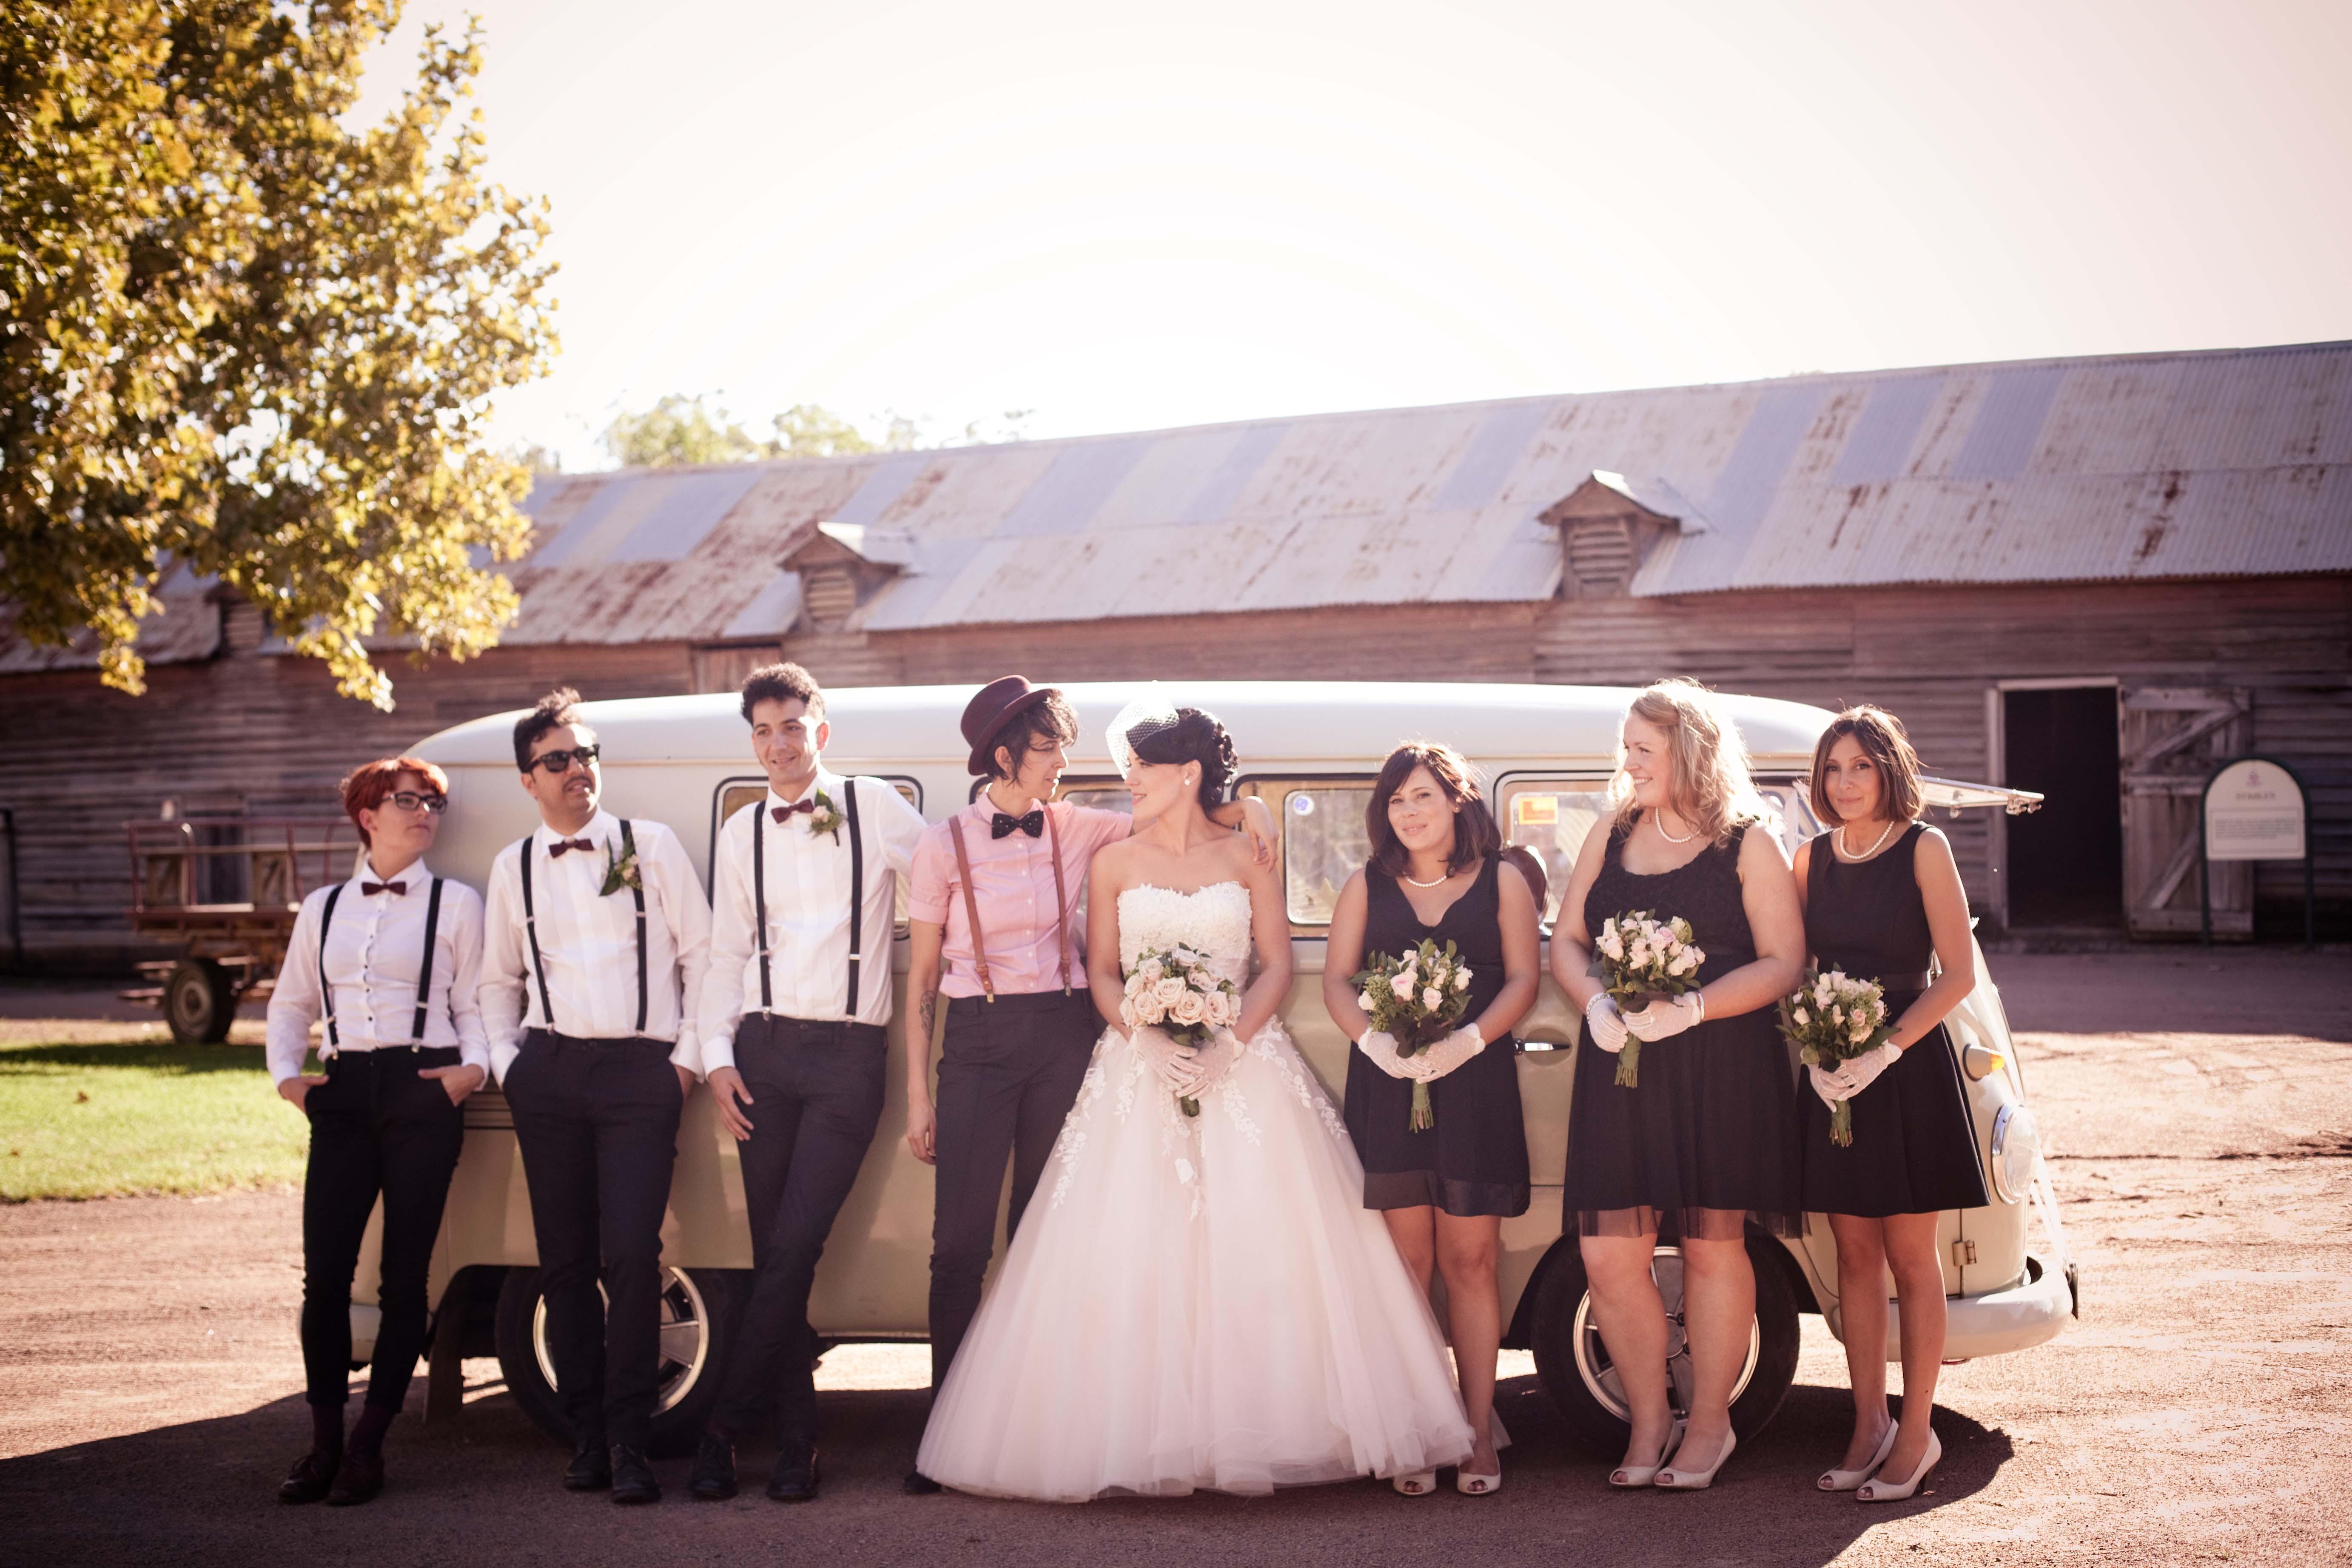 2 lesbian wedding ideas Image Image Image Image Image Image Image